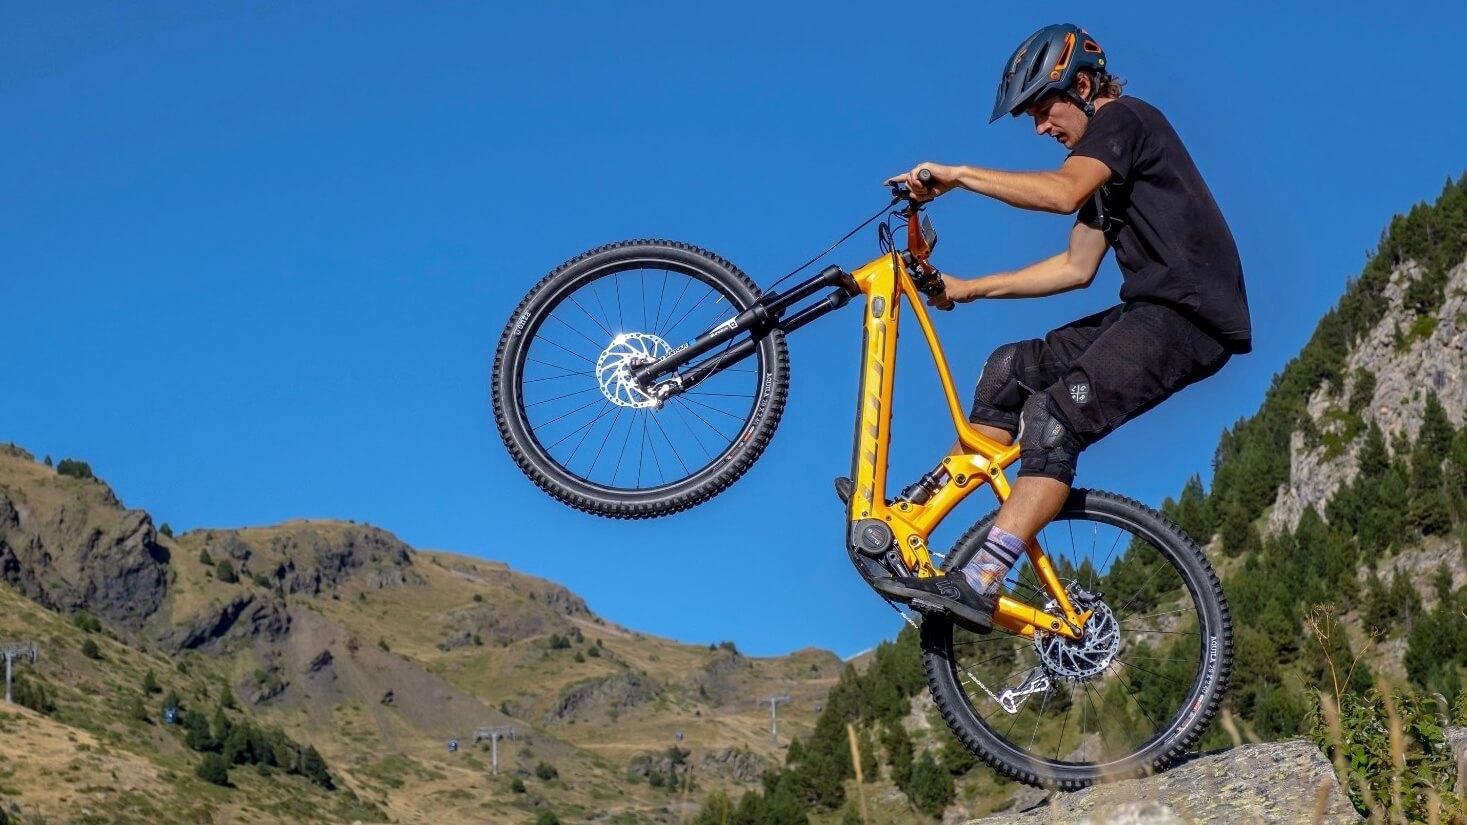 elektrische Scott mountainbike